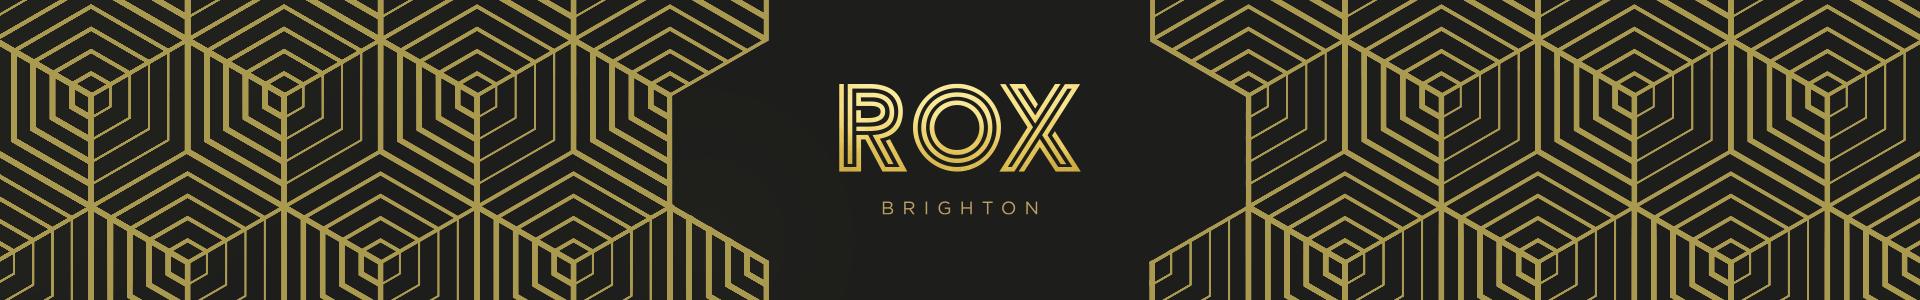 Rox Brighton